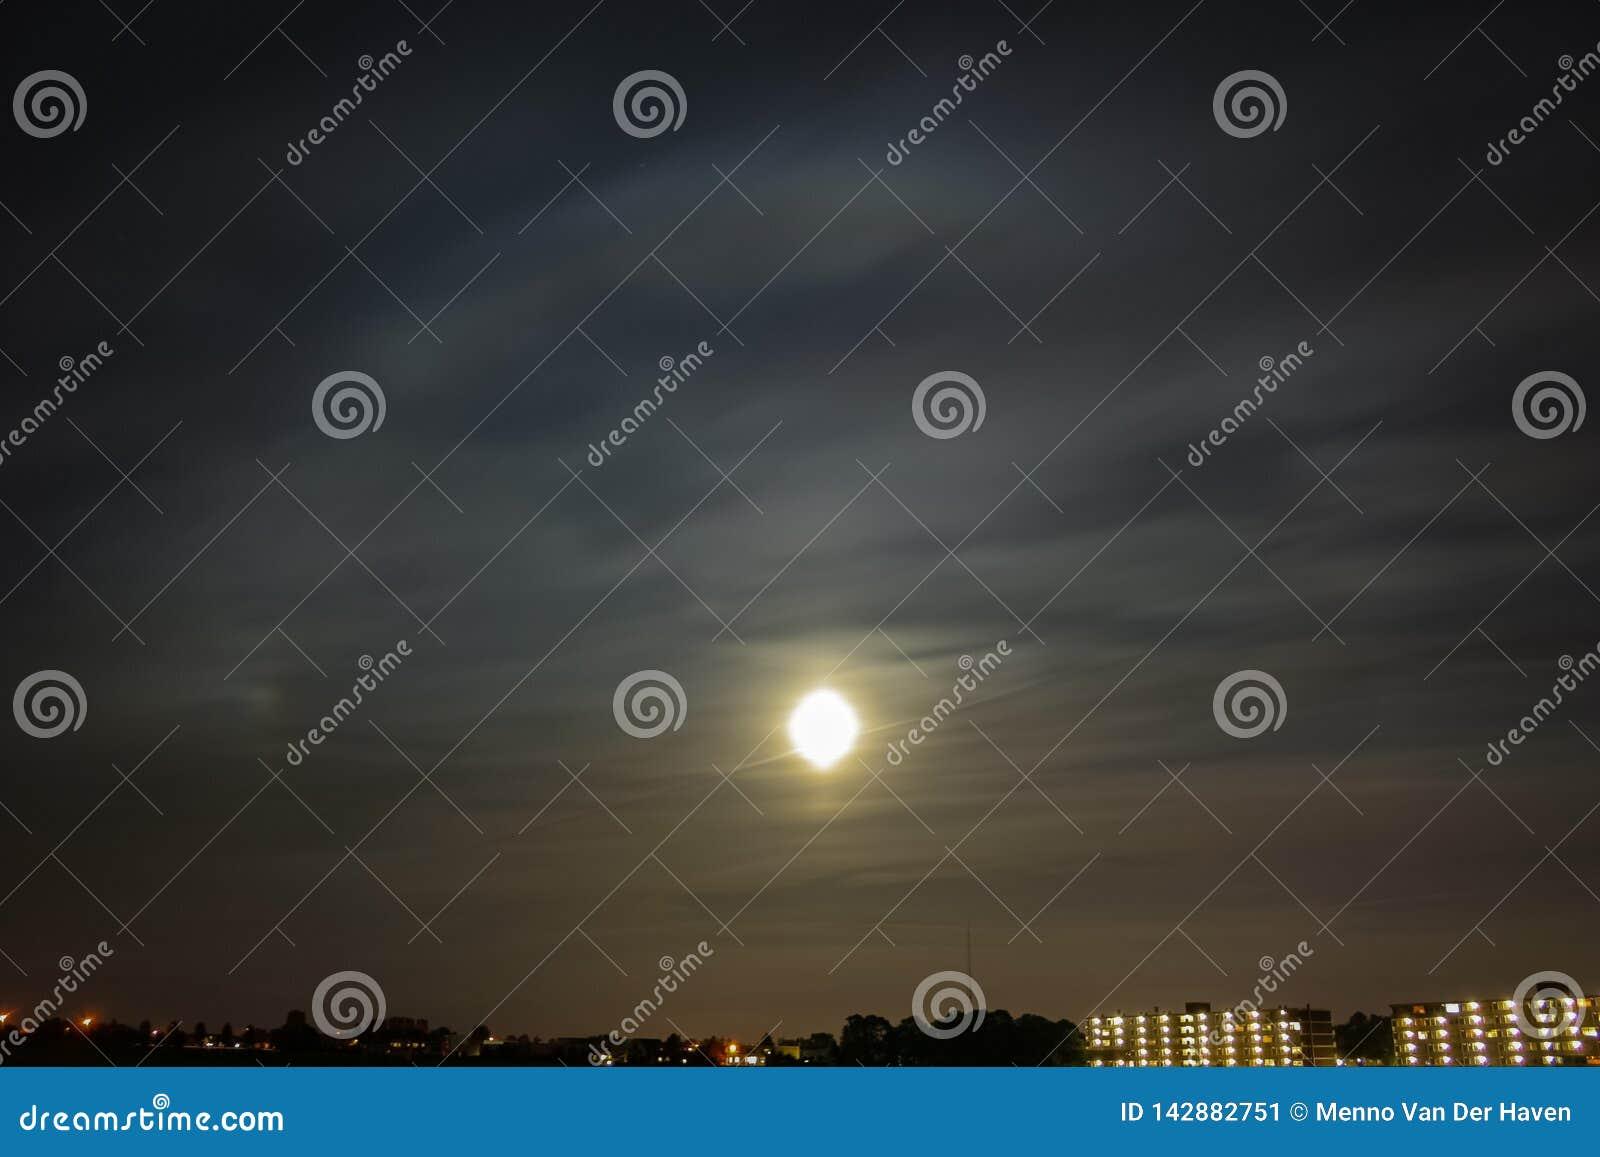 在月亮附近的明亮的圆光晕与parhelium到左边